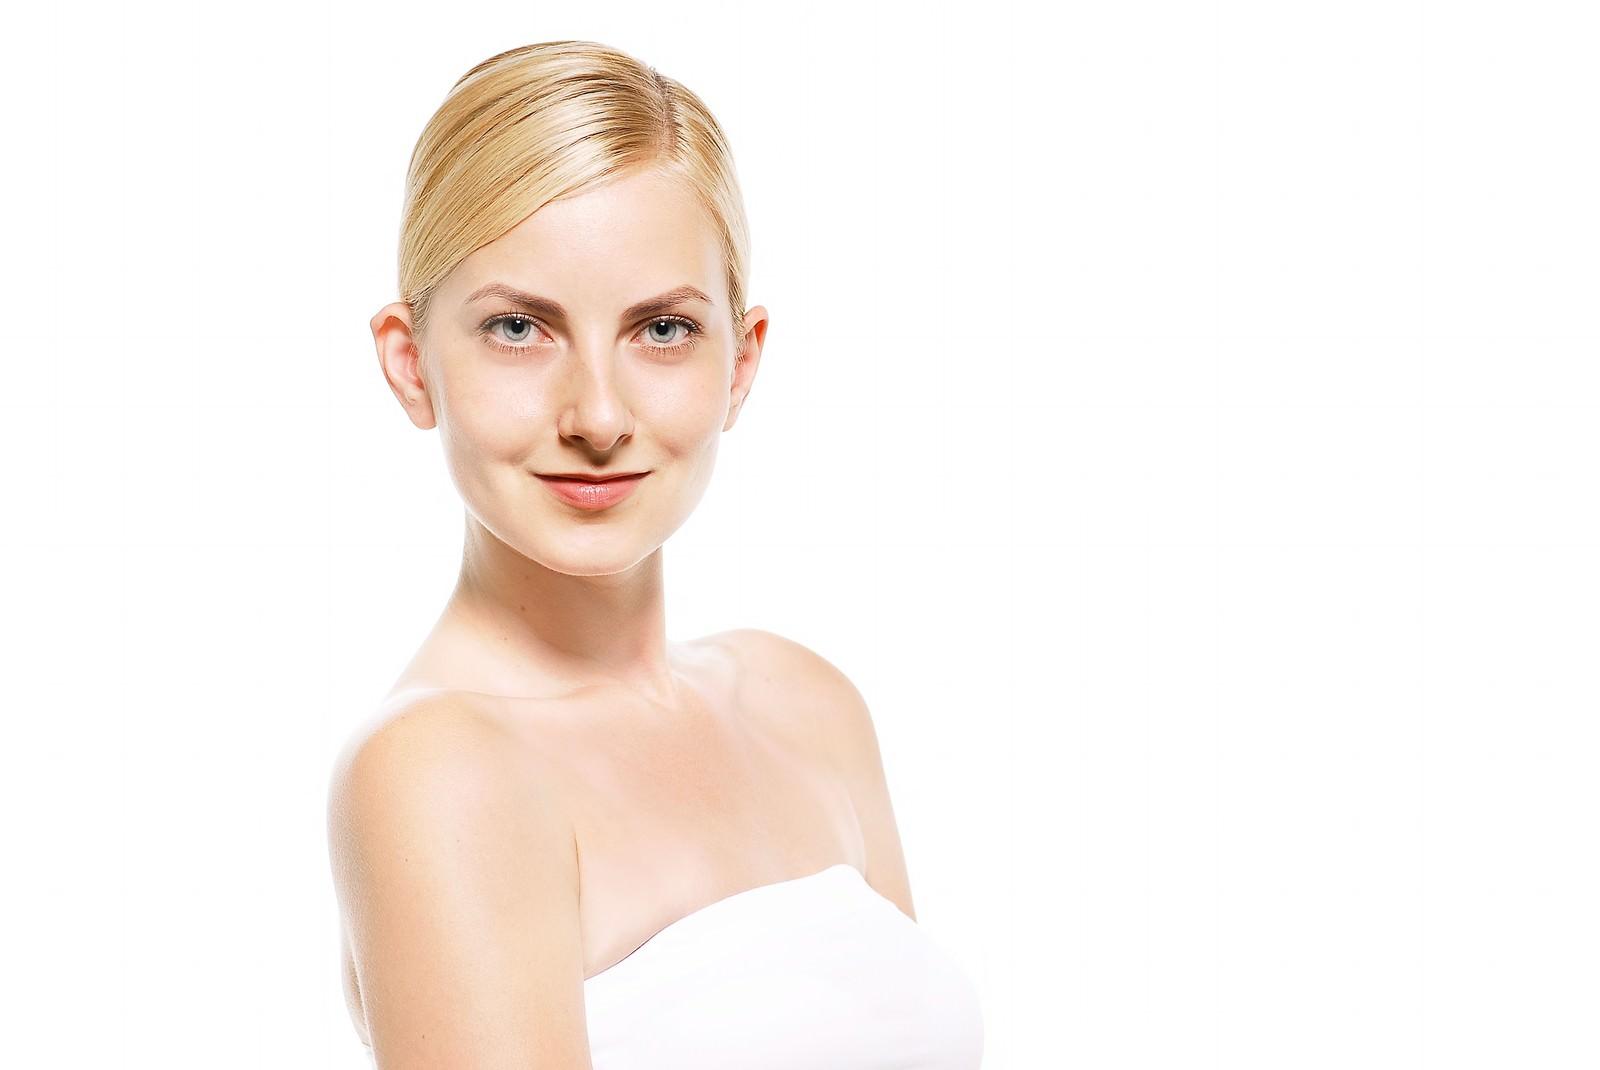 「正面を見つめる外国人の女性 | 写真の無料素材・フリー素材 - ぱくたそ」の写真[モデル:モデルファクトリー]